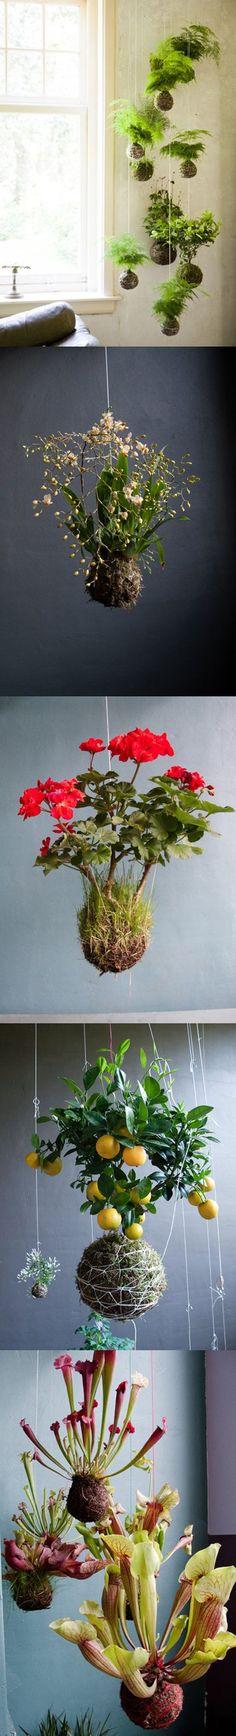 jardim-vertical-suspenso-inverno-ideias-29 Guia com 47 ideias para seu jardim vertical dicas faca-voce-mesmo-diy jardinagem madeira quintais